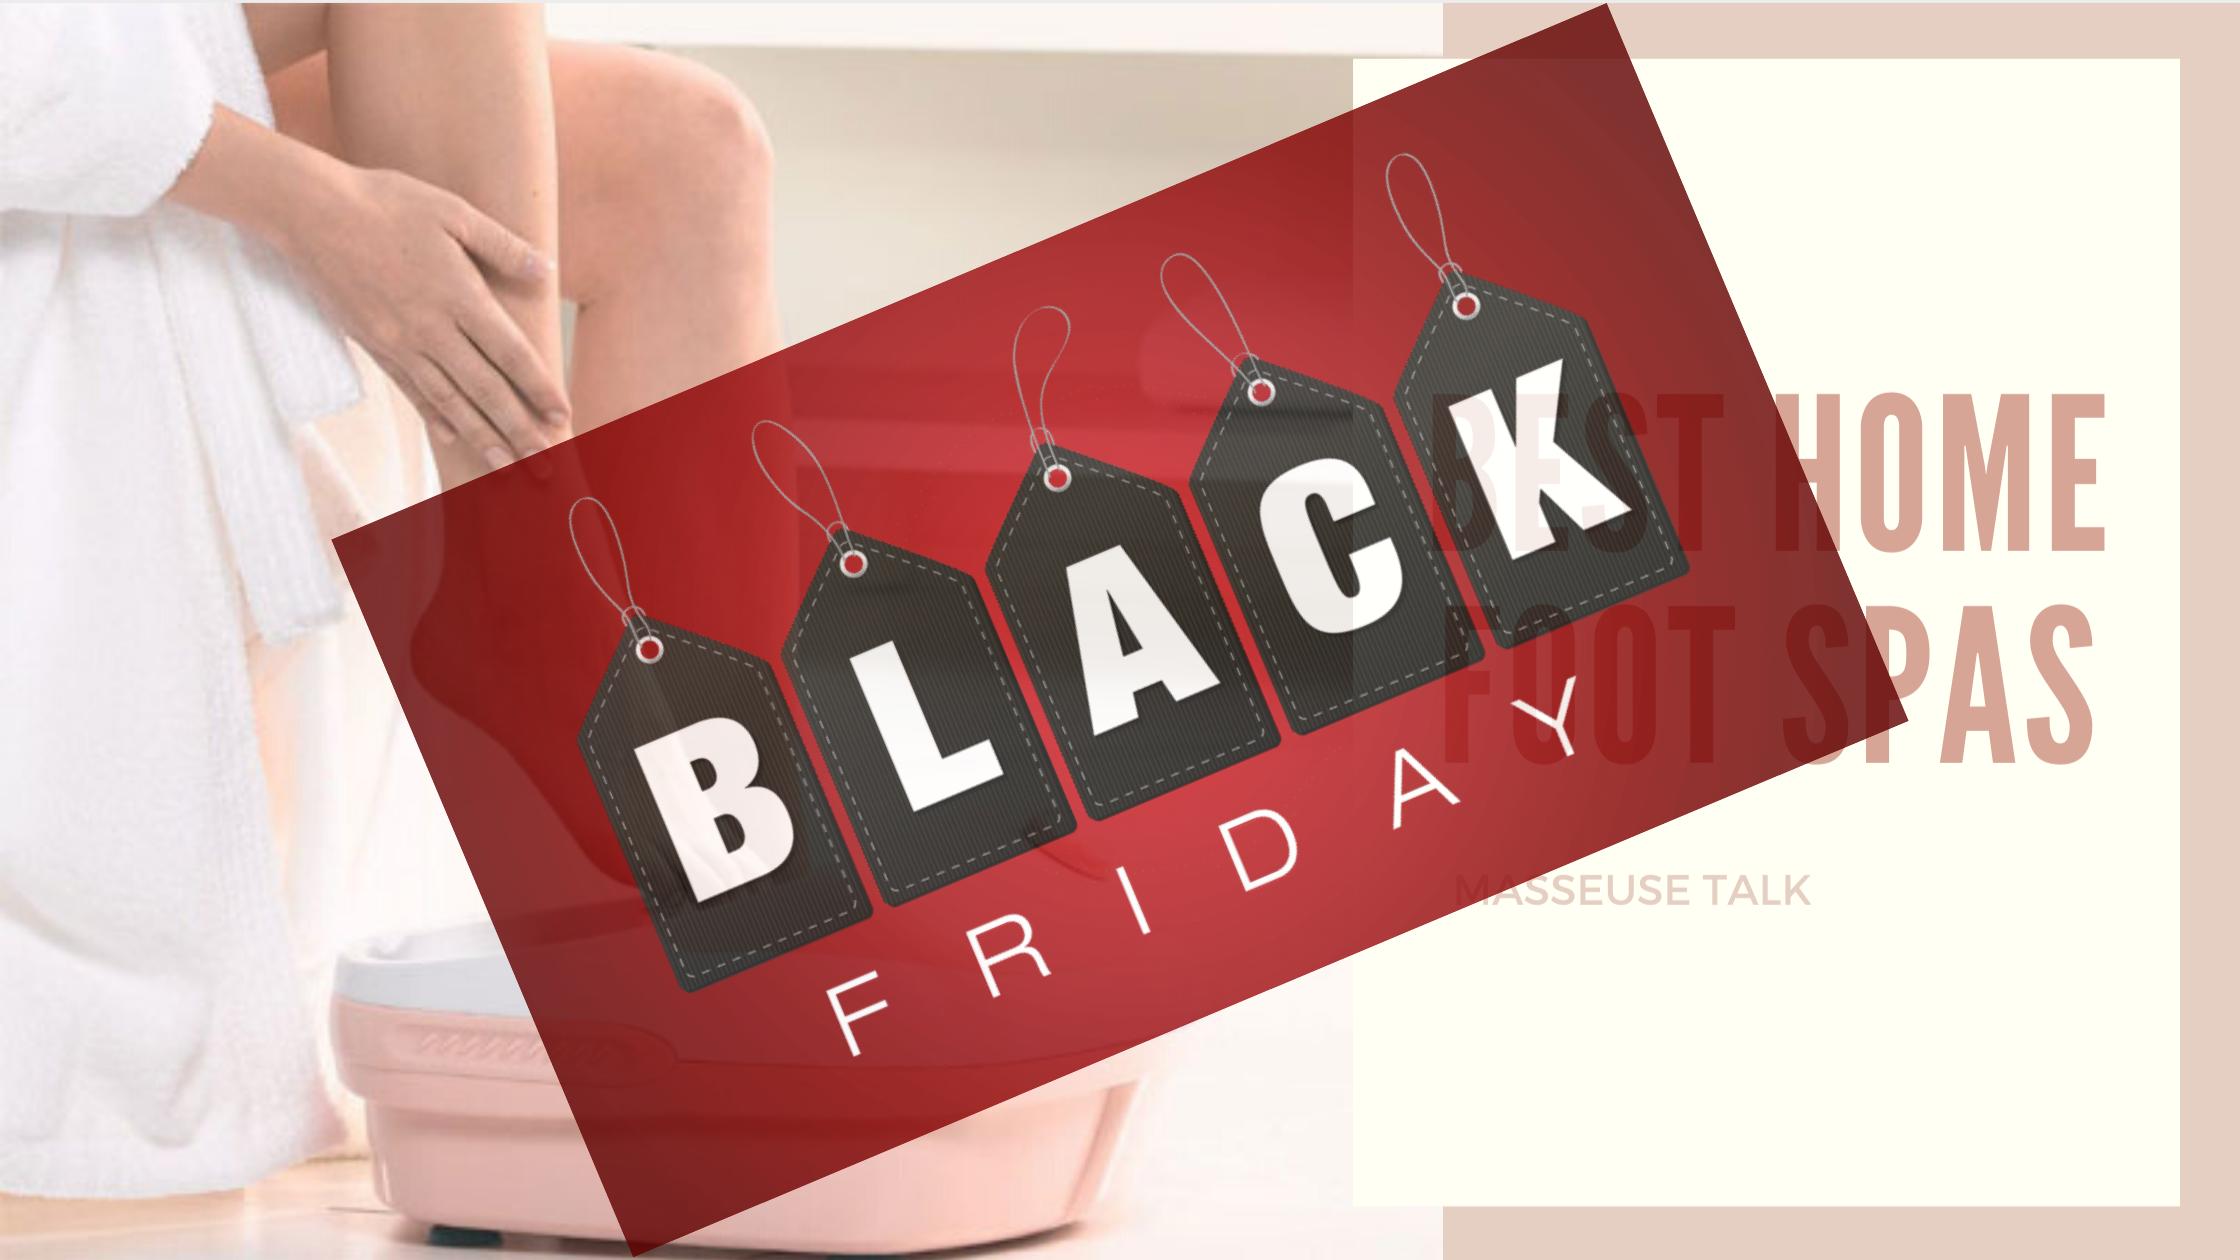 Foot Spa Massager Black Friday